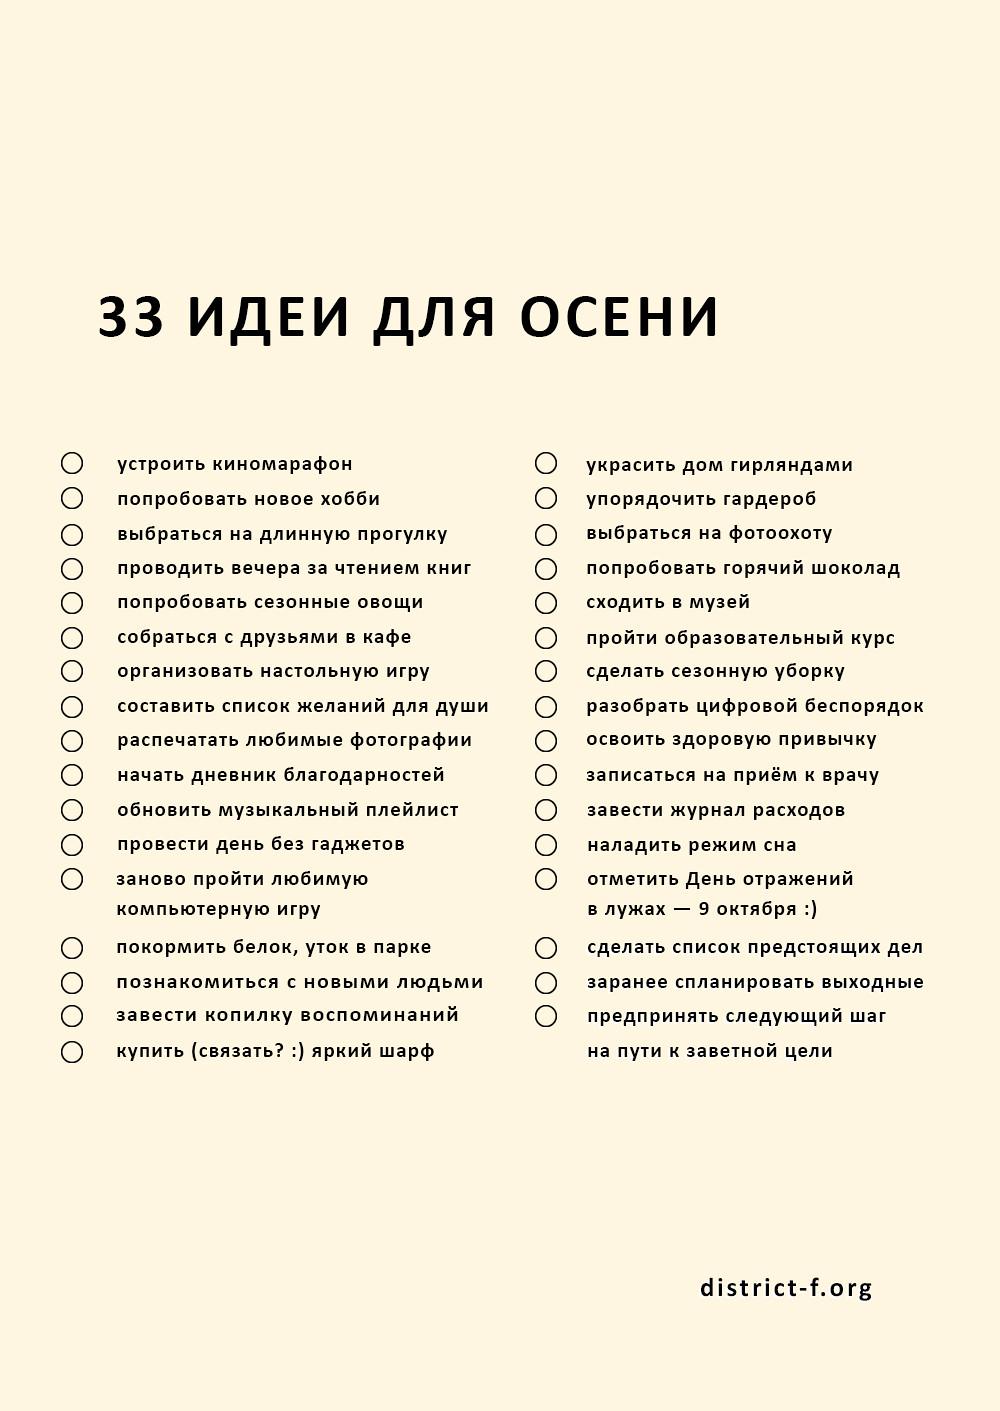 33 идеи для яркой осени чеклист df 2